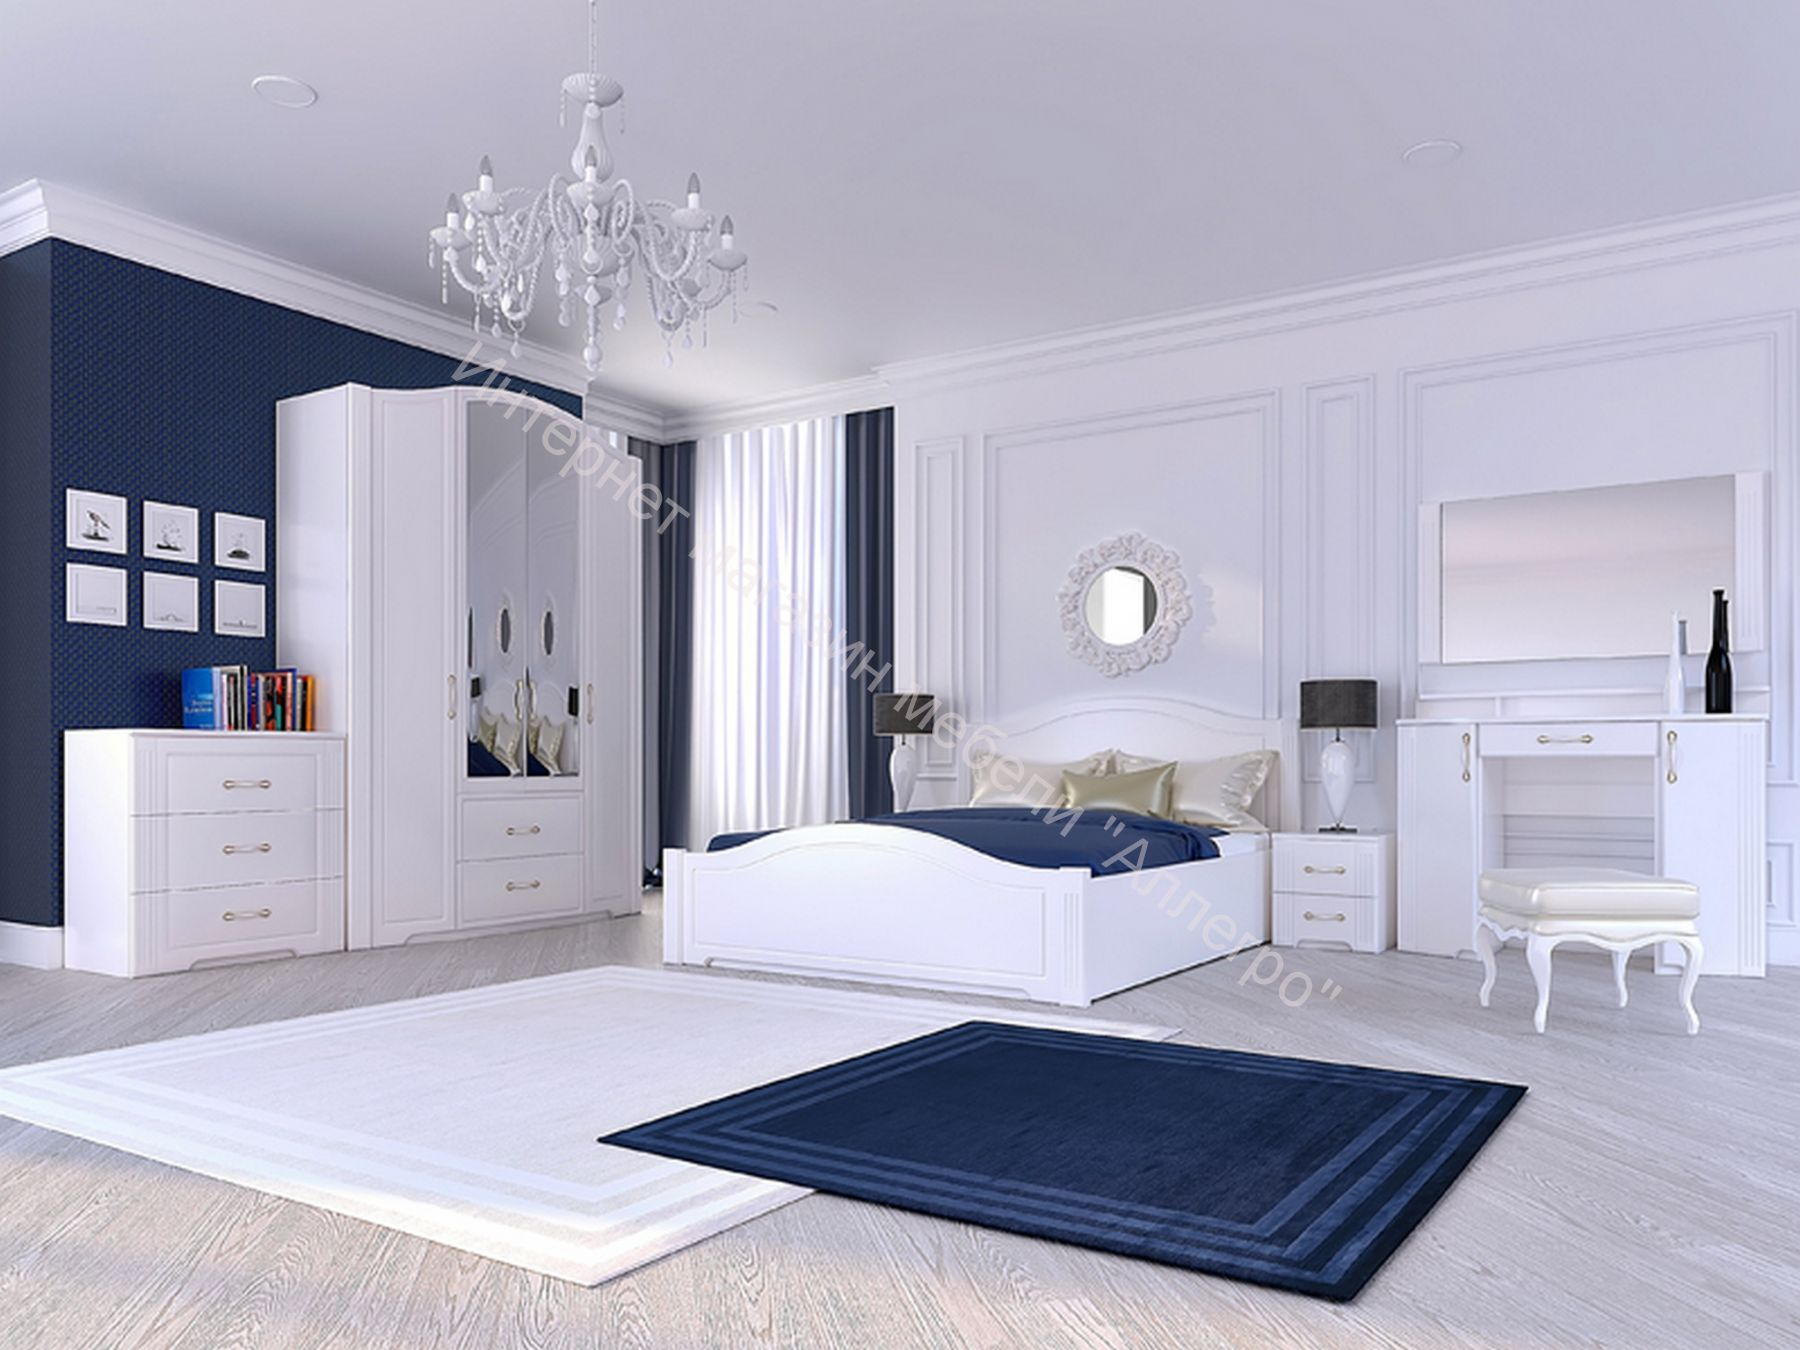 спальня виктория комп1 купить по выгодной цене в екатеринбурге